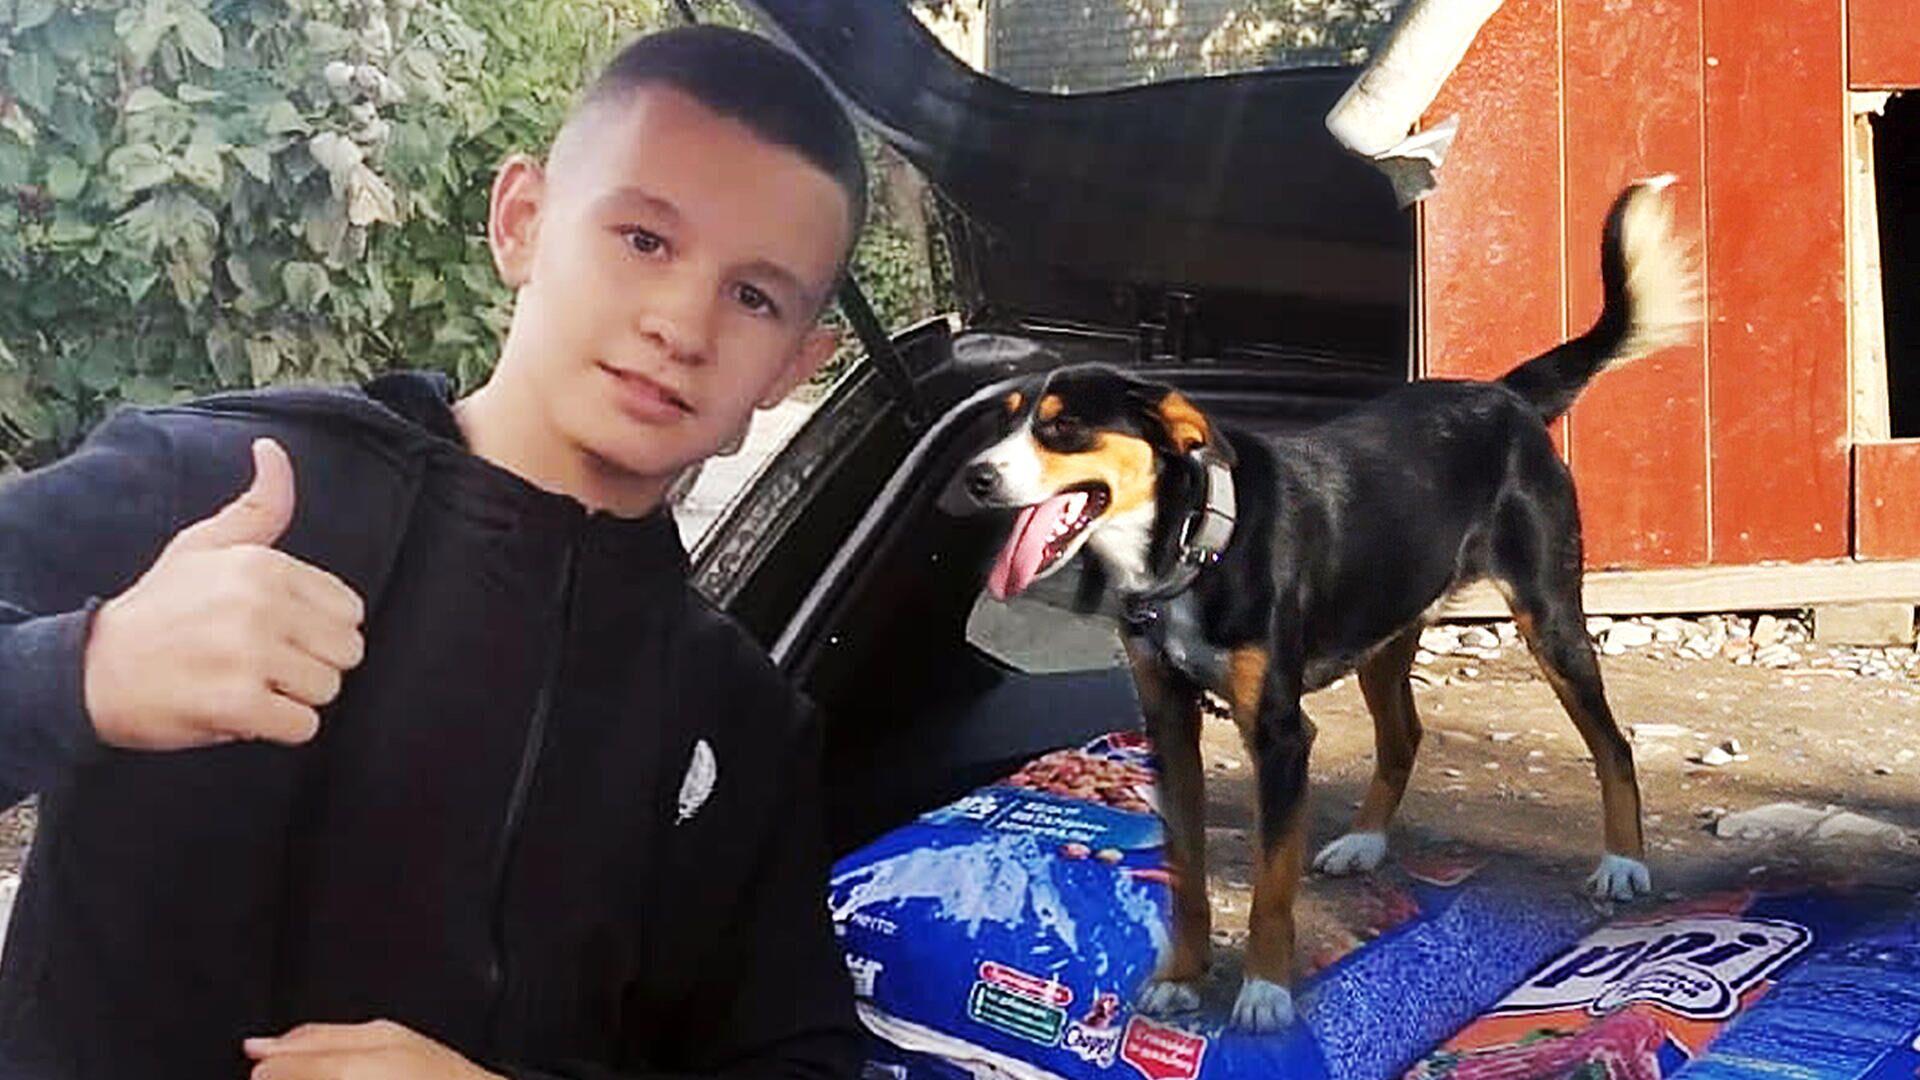 Αγόρι κερδίζει χρηματικό έπαθλο και τα ξοδεύει όλα σε σκυλοτροφή για καταφύγιο σκύλων - Sputnik Ελλάδα, 1920, 07.10.2021